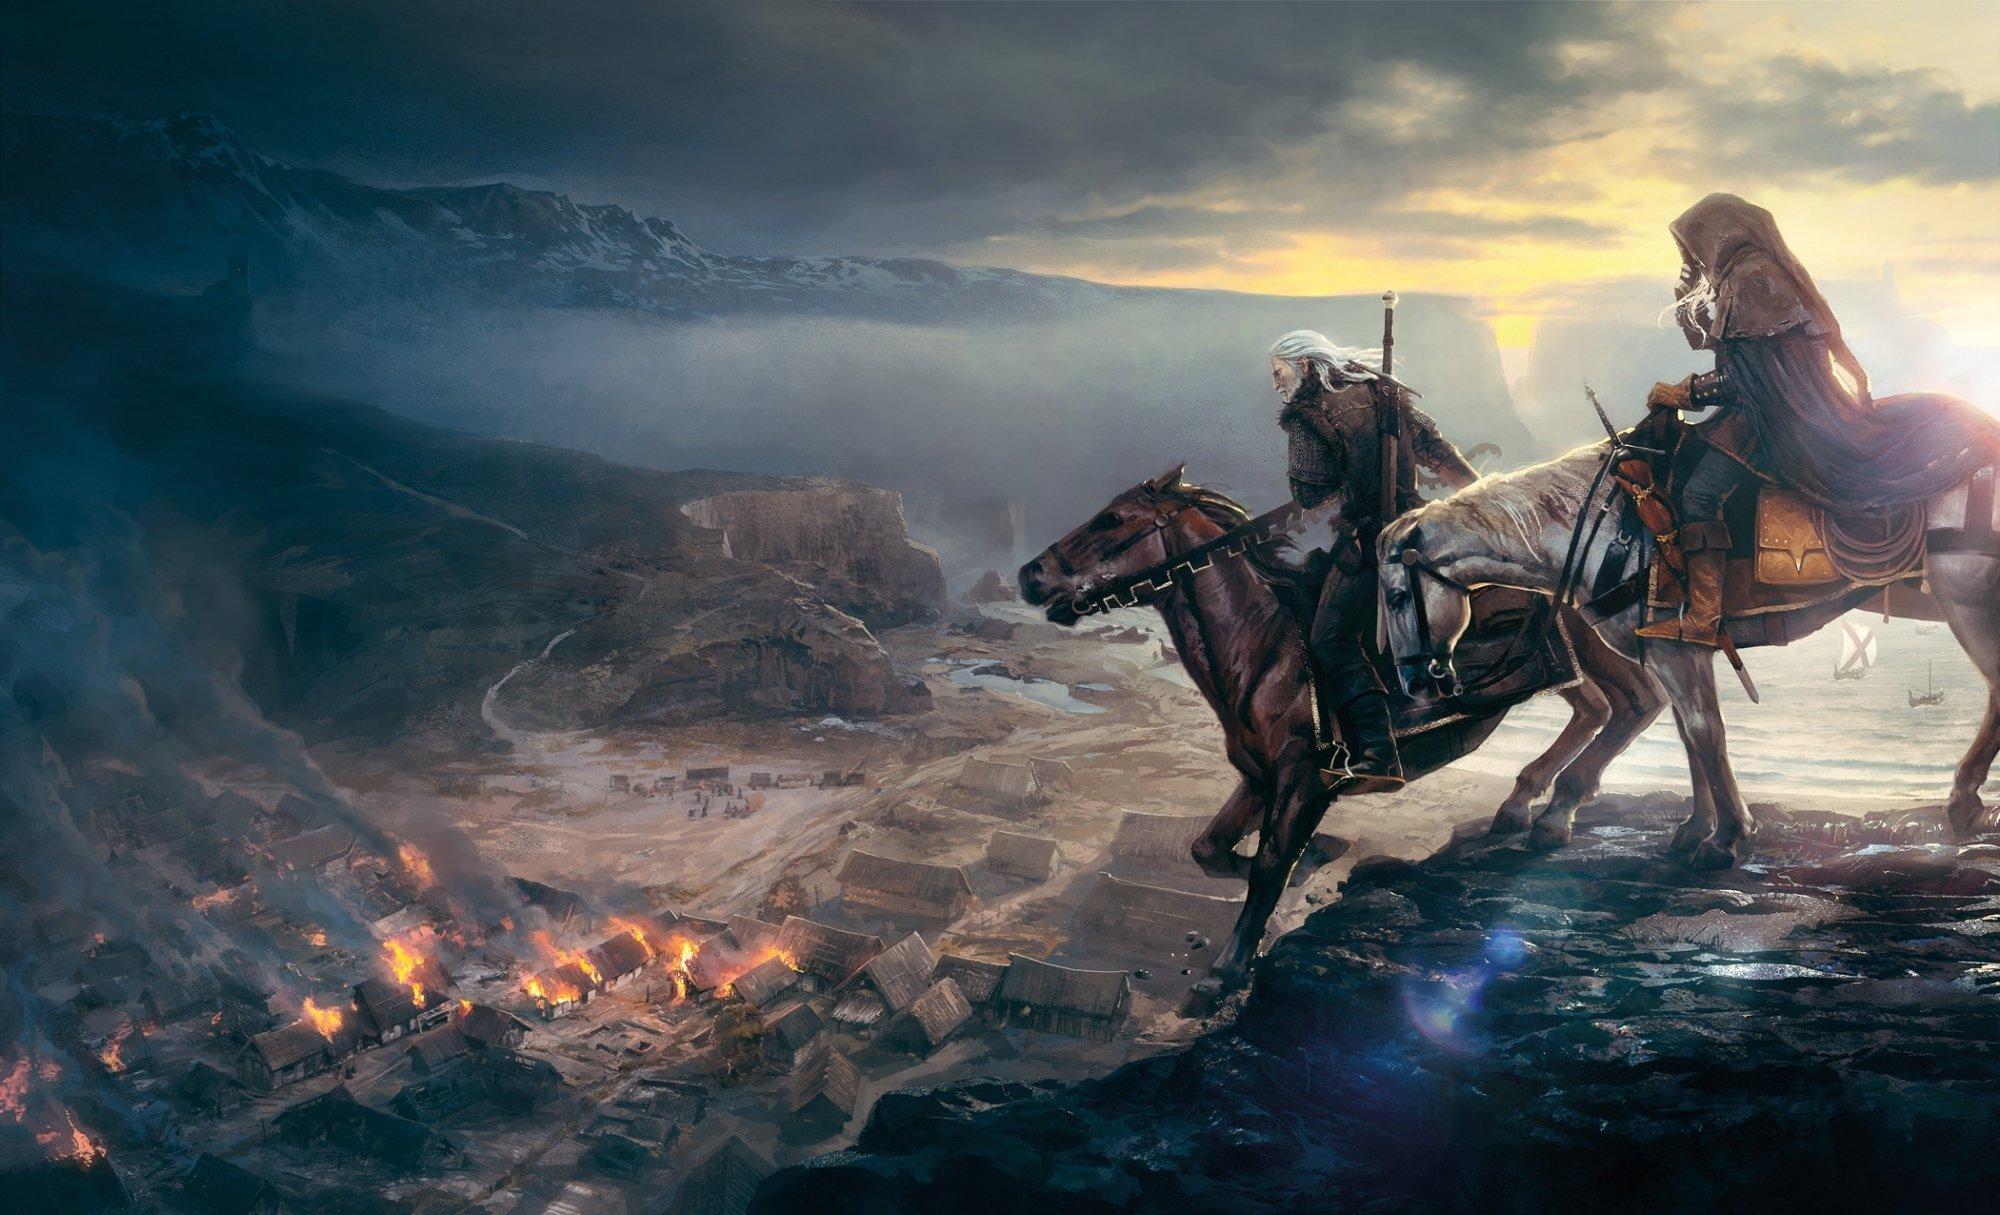 The Witcher 3: Wild Hunt. Поехали! Геймплей.    Так как эмбарго на публикование закончилось вскоре в сети будет появ ... - Изображение 1